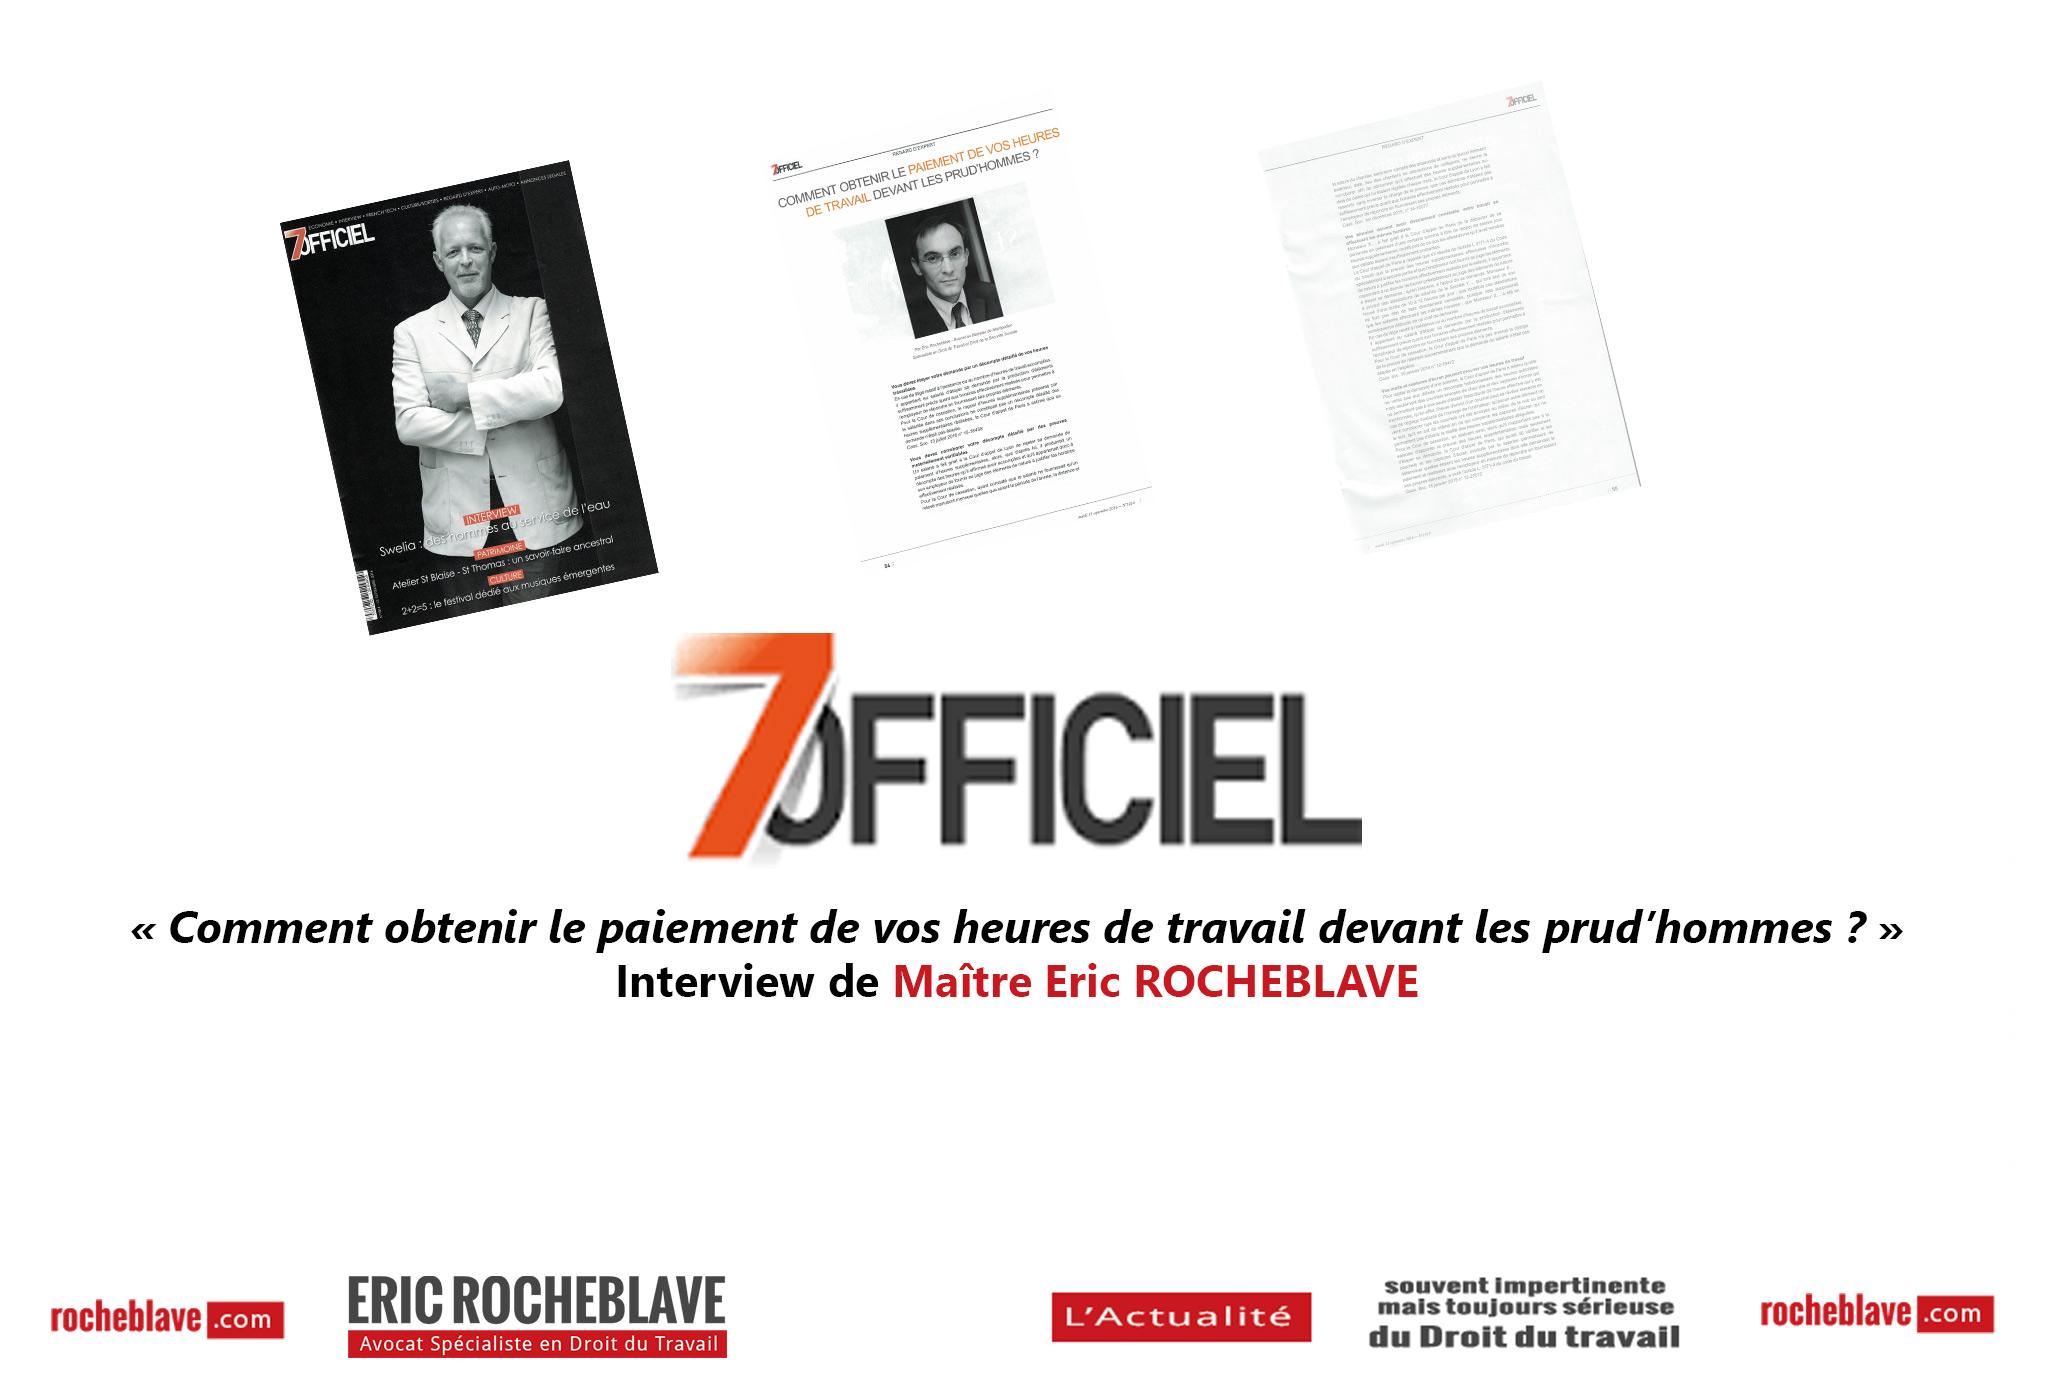 « Comment obtenir le paiement de vos heures de travail devant les prud'hommes ? » Interview de Maître Eric ROCHEBLAVE | 7Officiel